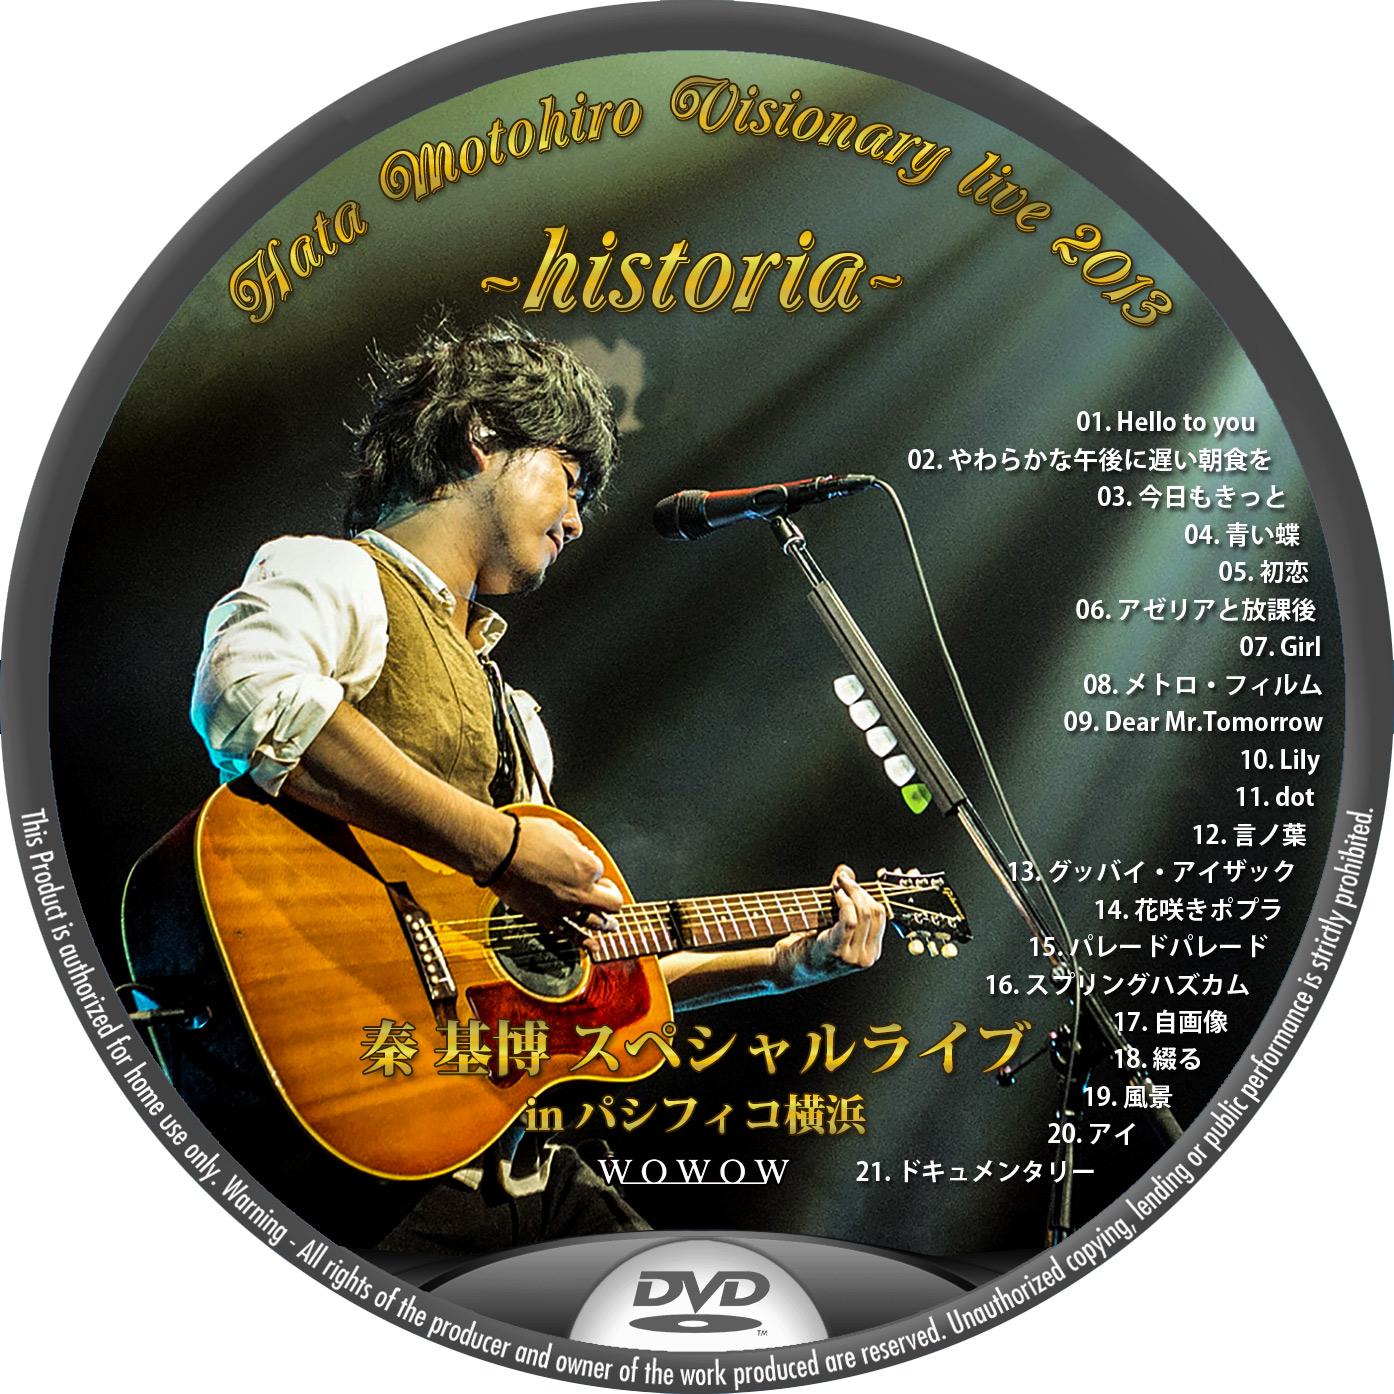 秦基博 WOWOW DVDラベル